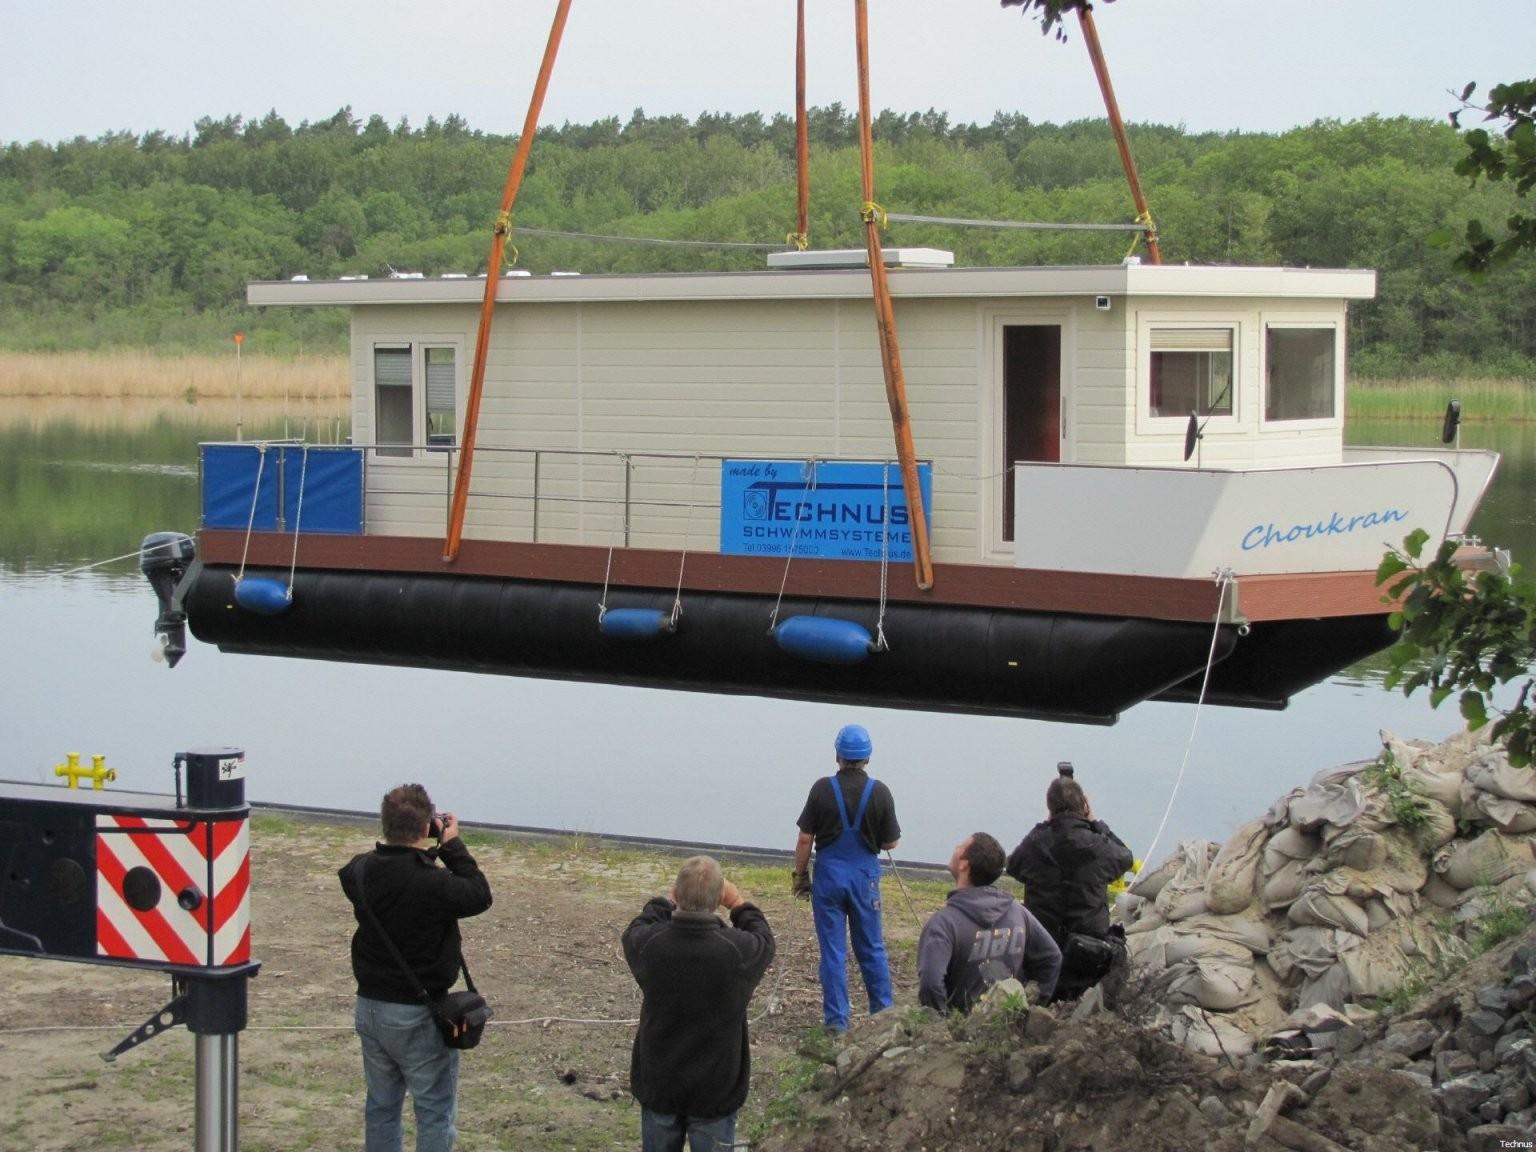 Hausboote  Pontonschwimmkörper Und Wasserfahrzeuge Wohnen Auf Dem von Ponton Hausboot Selber Bauen Bild